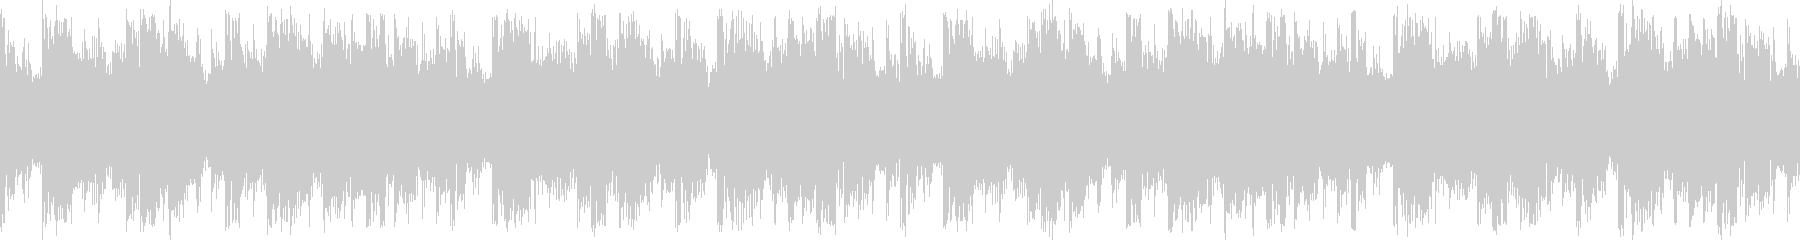 ファンタジーRPG・ダンジョン・メニュ…の未再生の波形